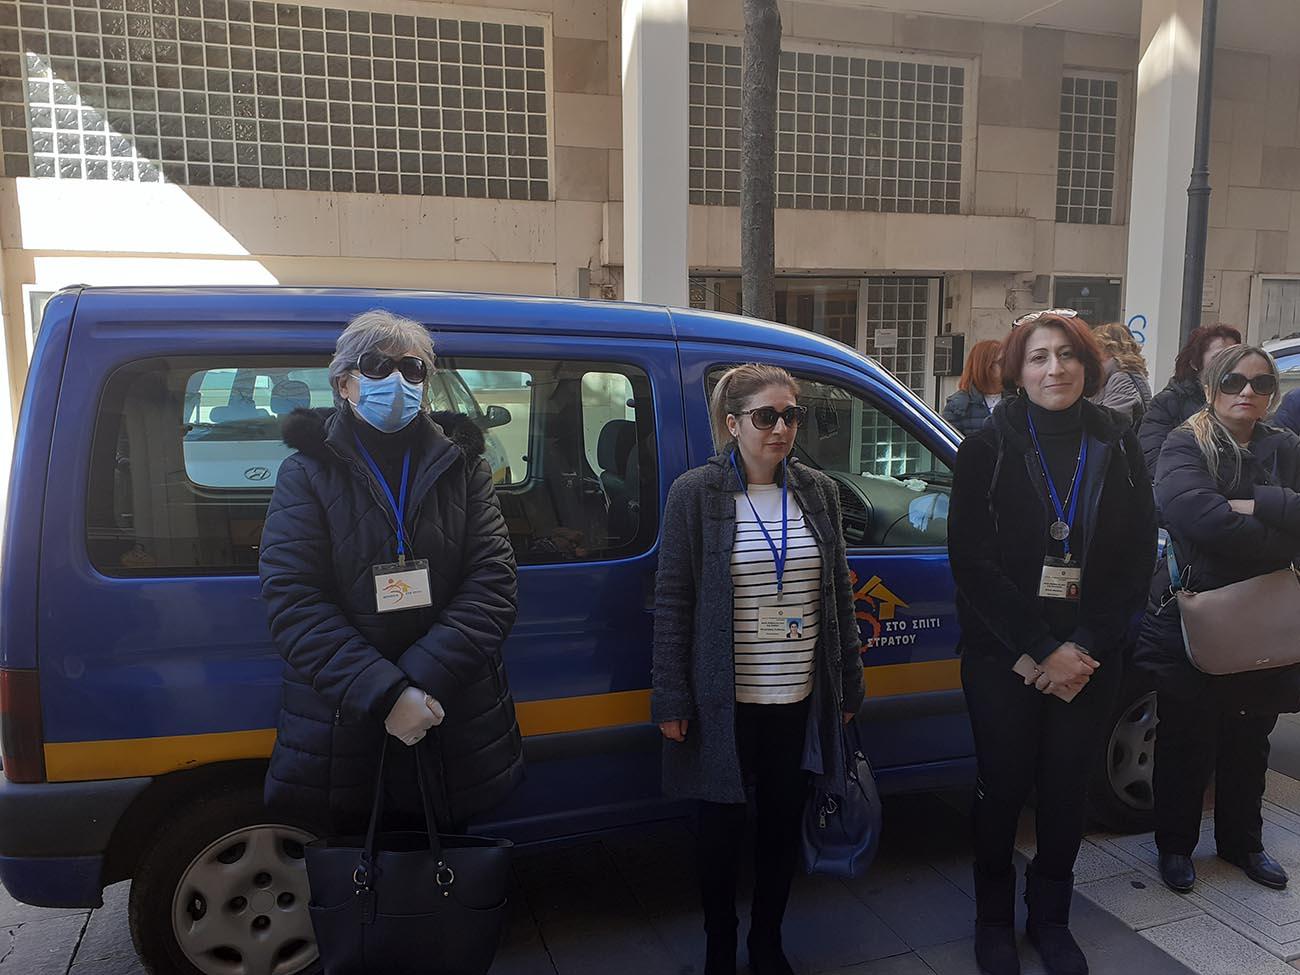 Δήμος Αγρινίου: τηλεφωνικό κέντρο δέχεται αιτήματα πολιτών που ανήκουν στις ευπαθείς ομάδες